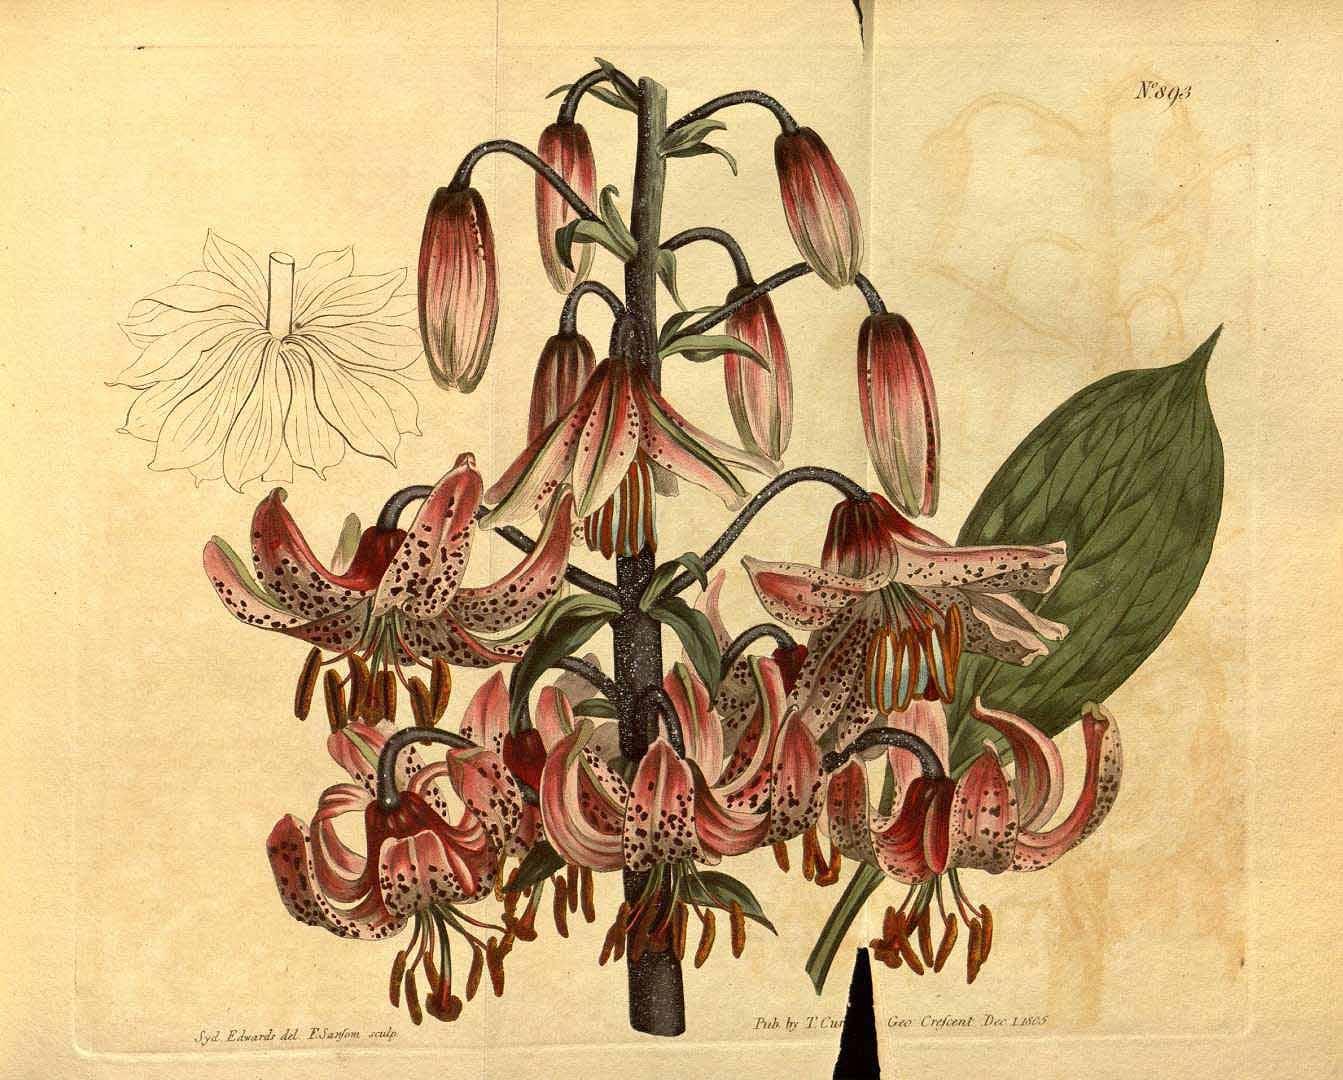 5. kép: A turbánliliom ábrája a Curtis's Botanical Magazine-ból 1806-ból (a)